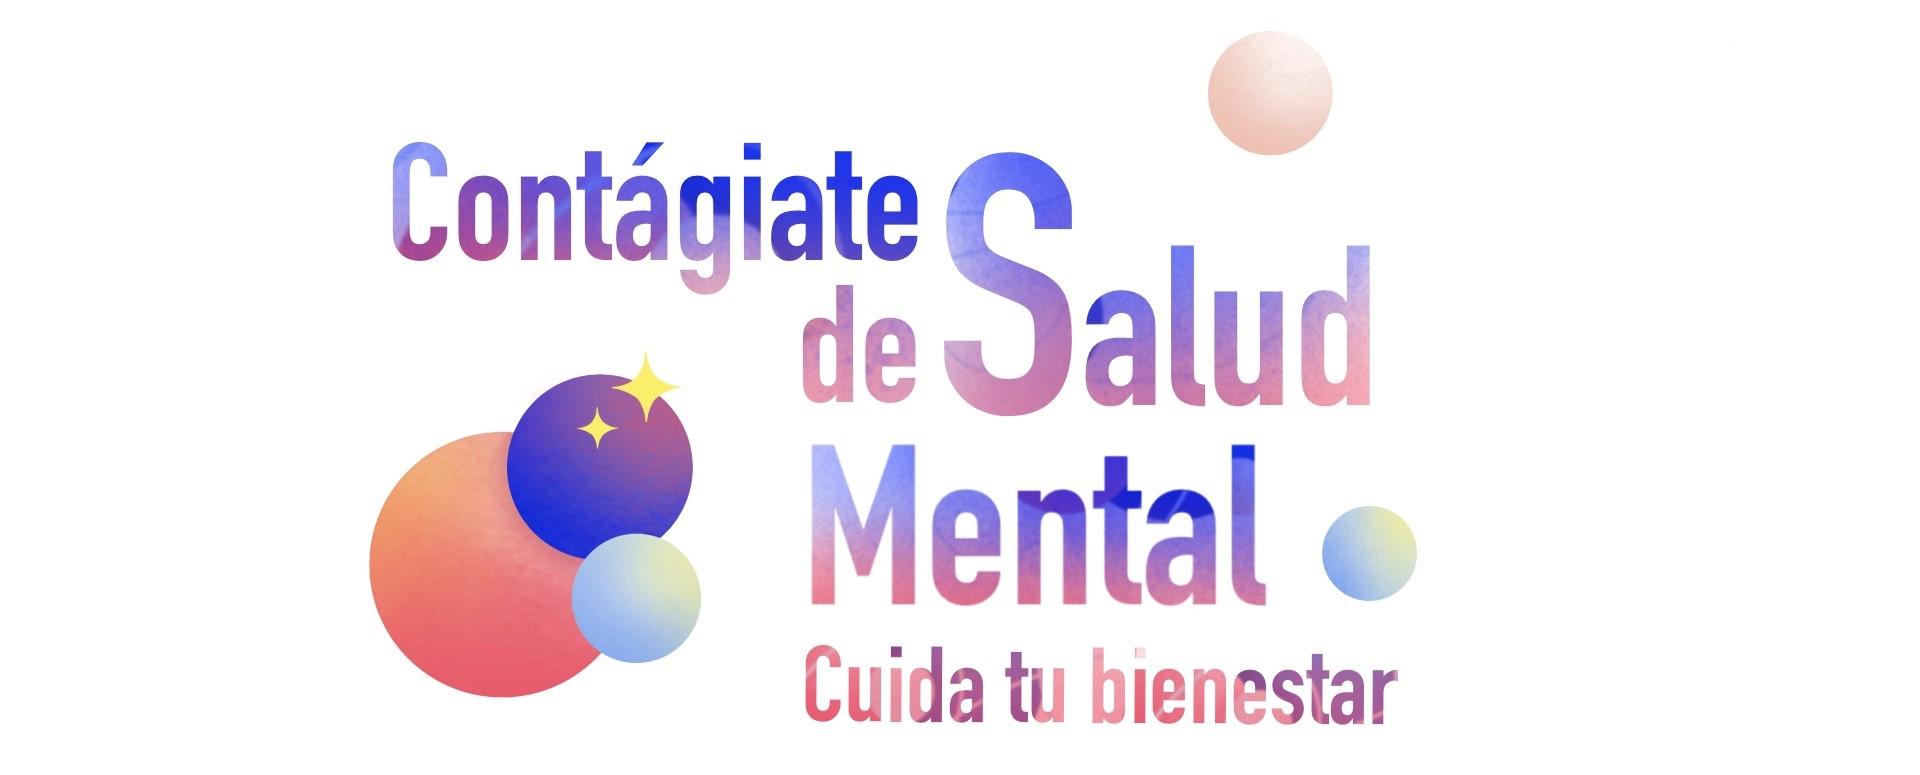 Contágiate de Salud Mental Cuida tu bienestar